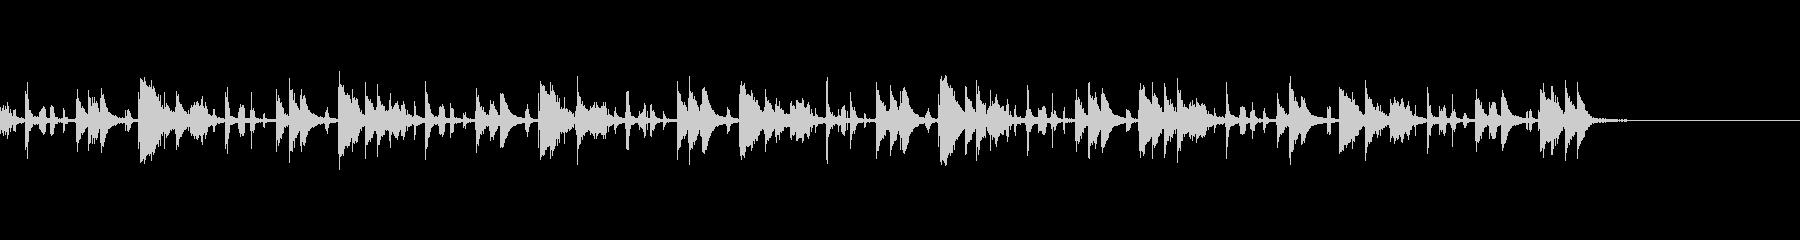 ラテンパーカッション 民族調 パターン3の未再生の波形